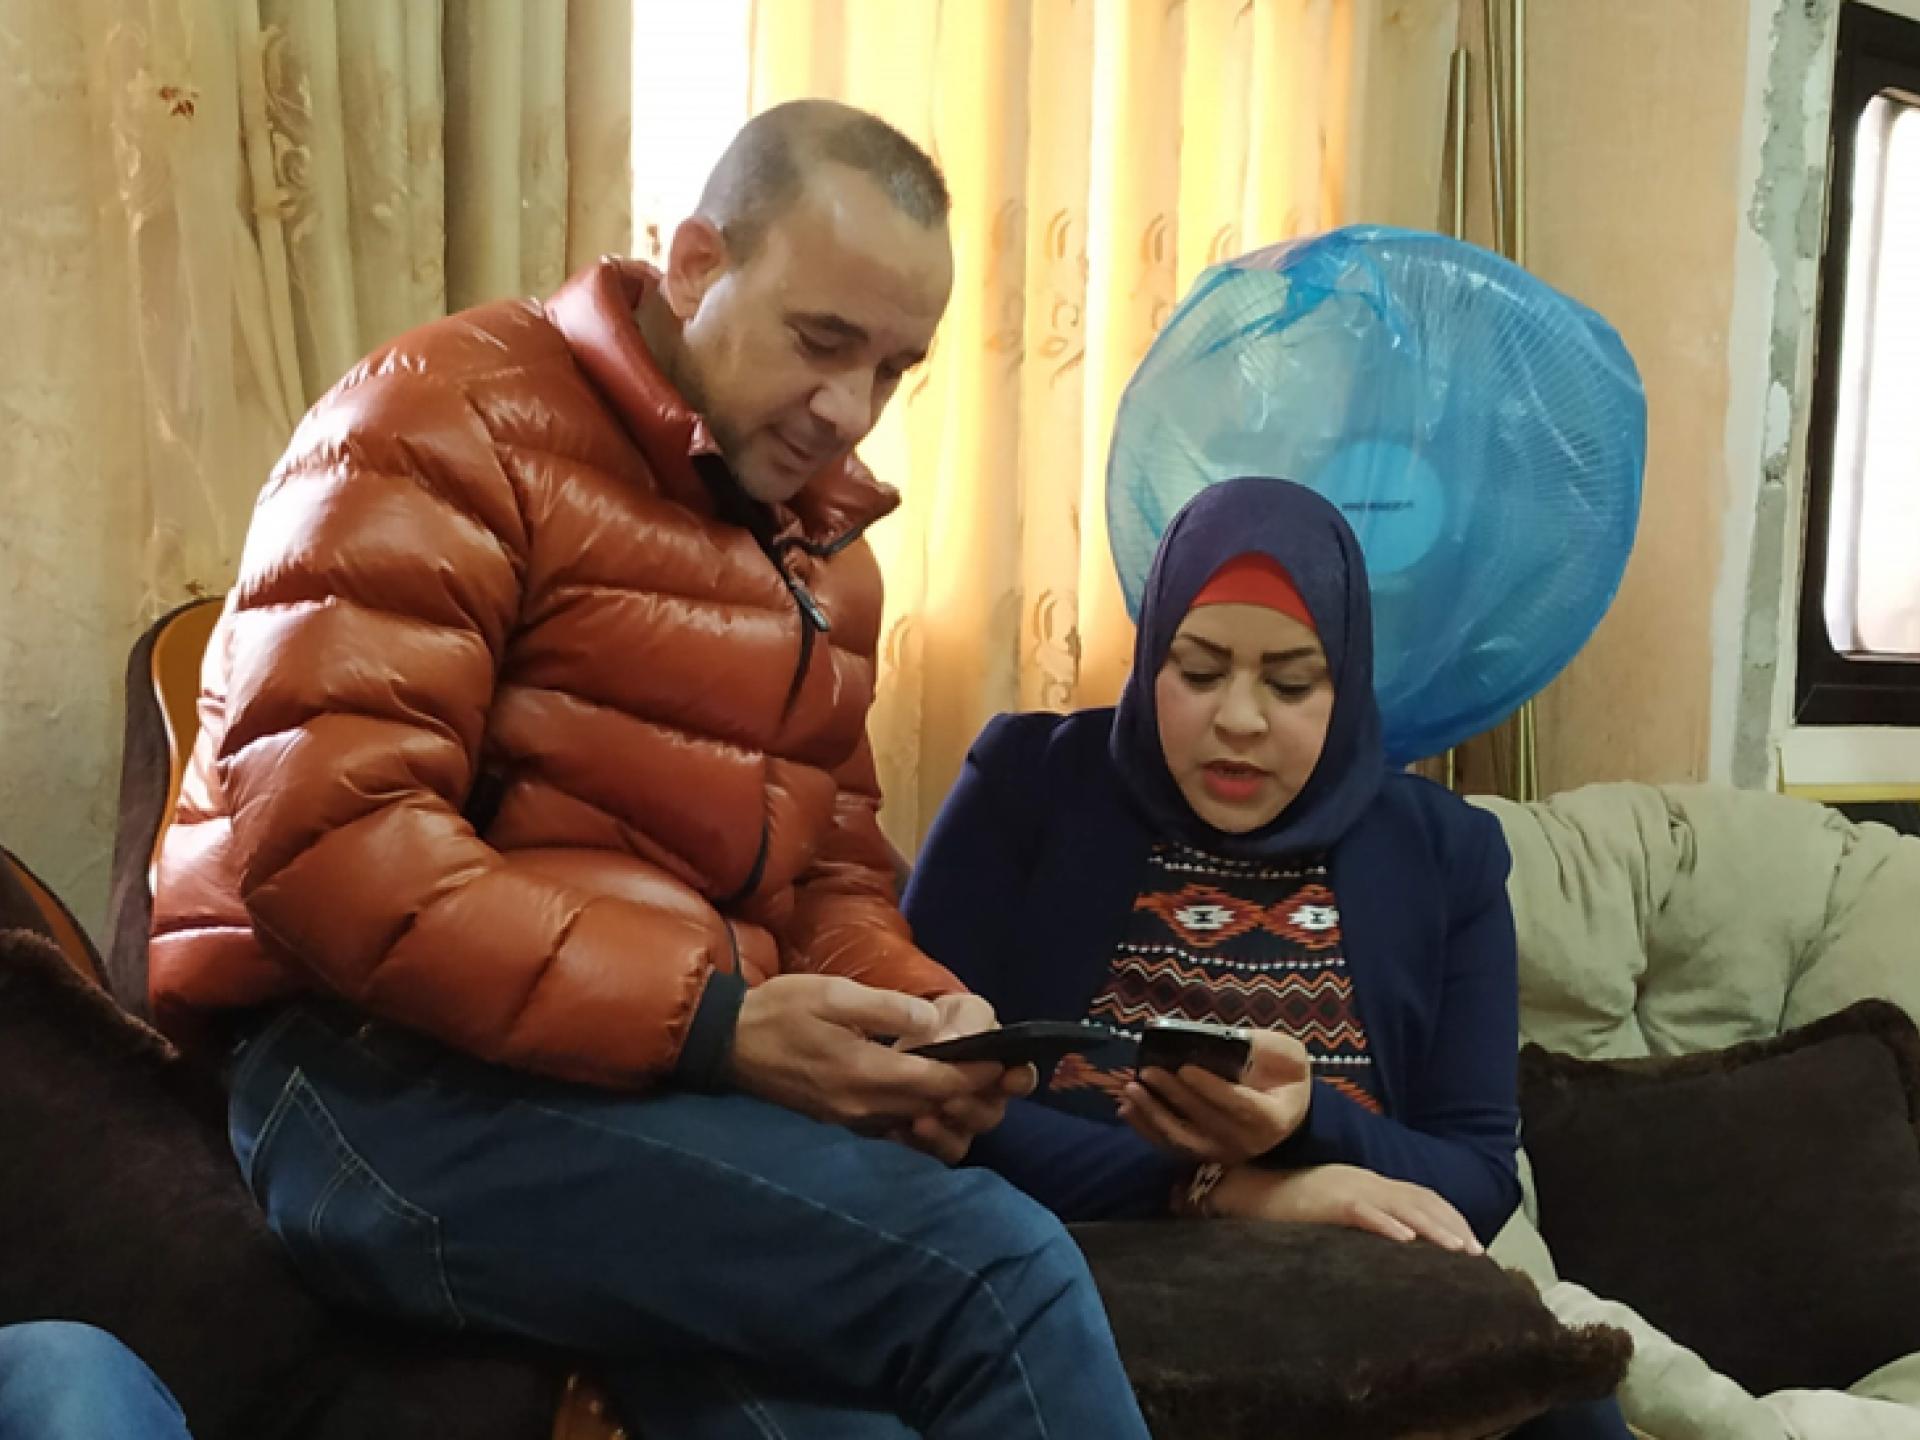 י' ואחותו תושבי בית ליקיא מחפשים בטלפון קישור לשני ארכיונים של פליטי הכפר הפלסטיני יאלו, שנהרס במלחמת ששת הימים (1967) ותושביו גורשו. ארכיון אחד ברמאללה והשני בעמאן